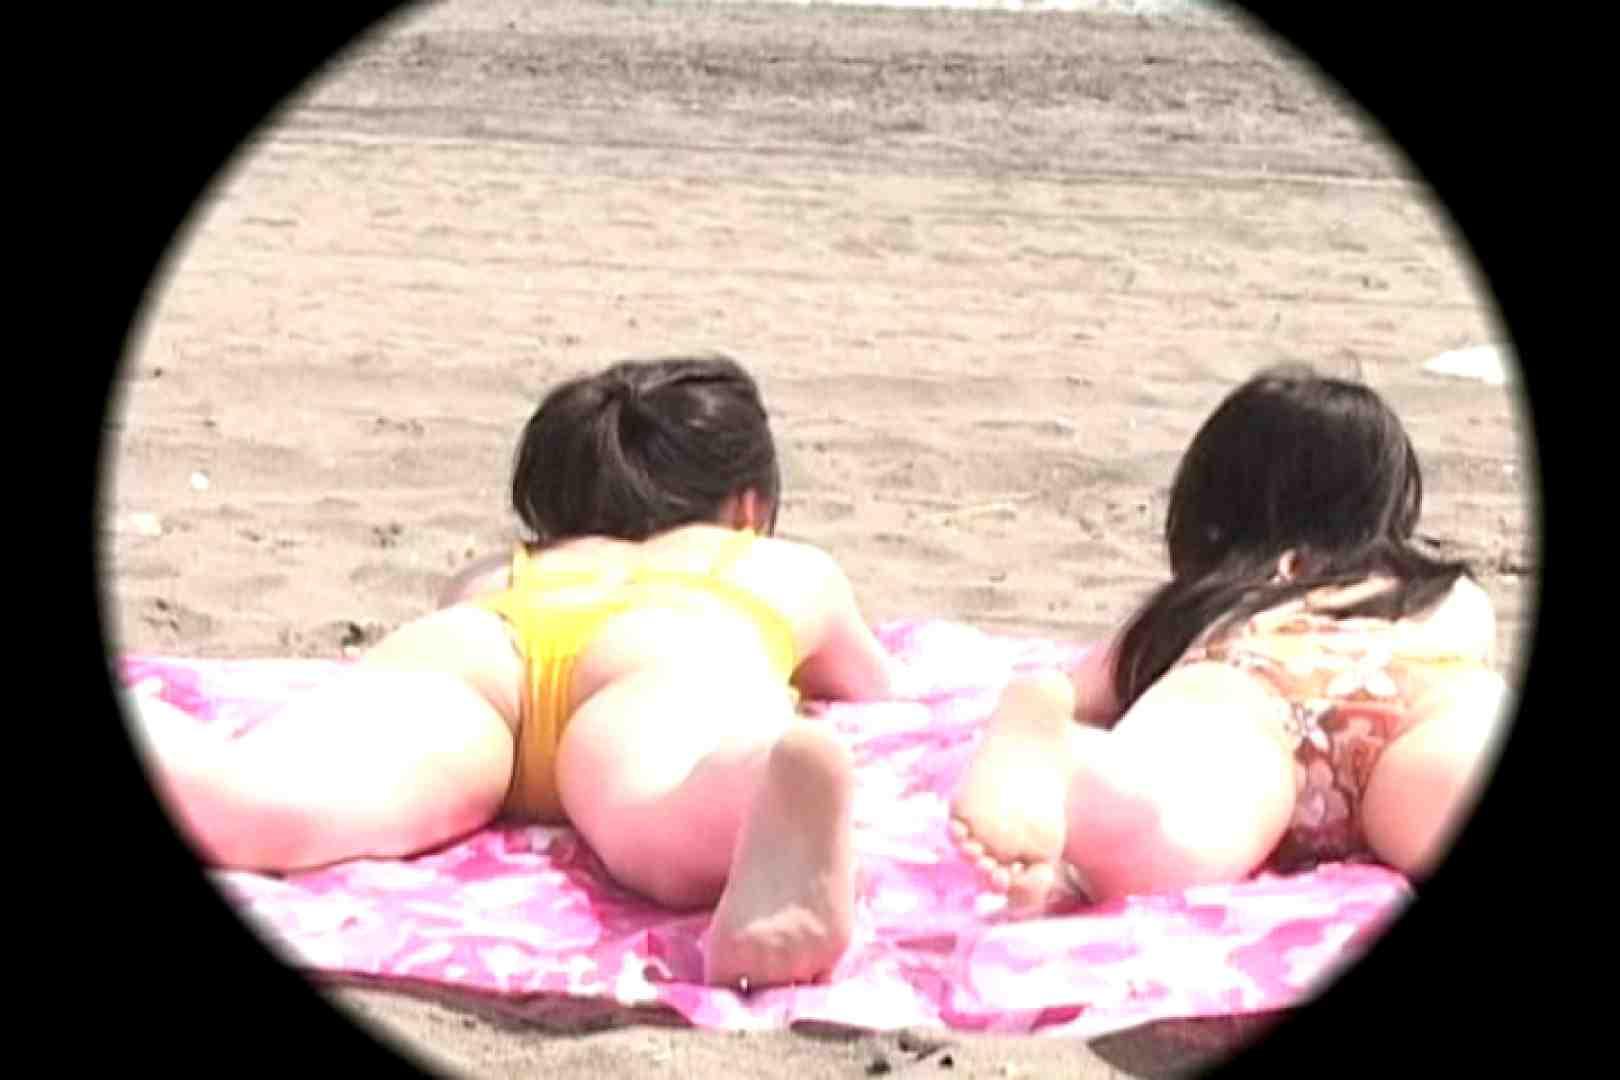 ビーチで発見!!はしゃぎ過ぎポロリギャルVol.5 日焼け アダルト動画キャプチャ 104pic 34